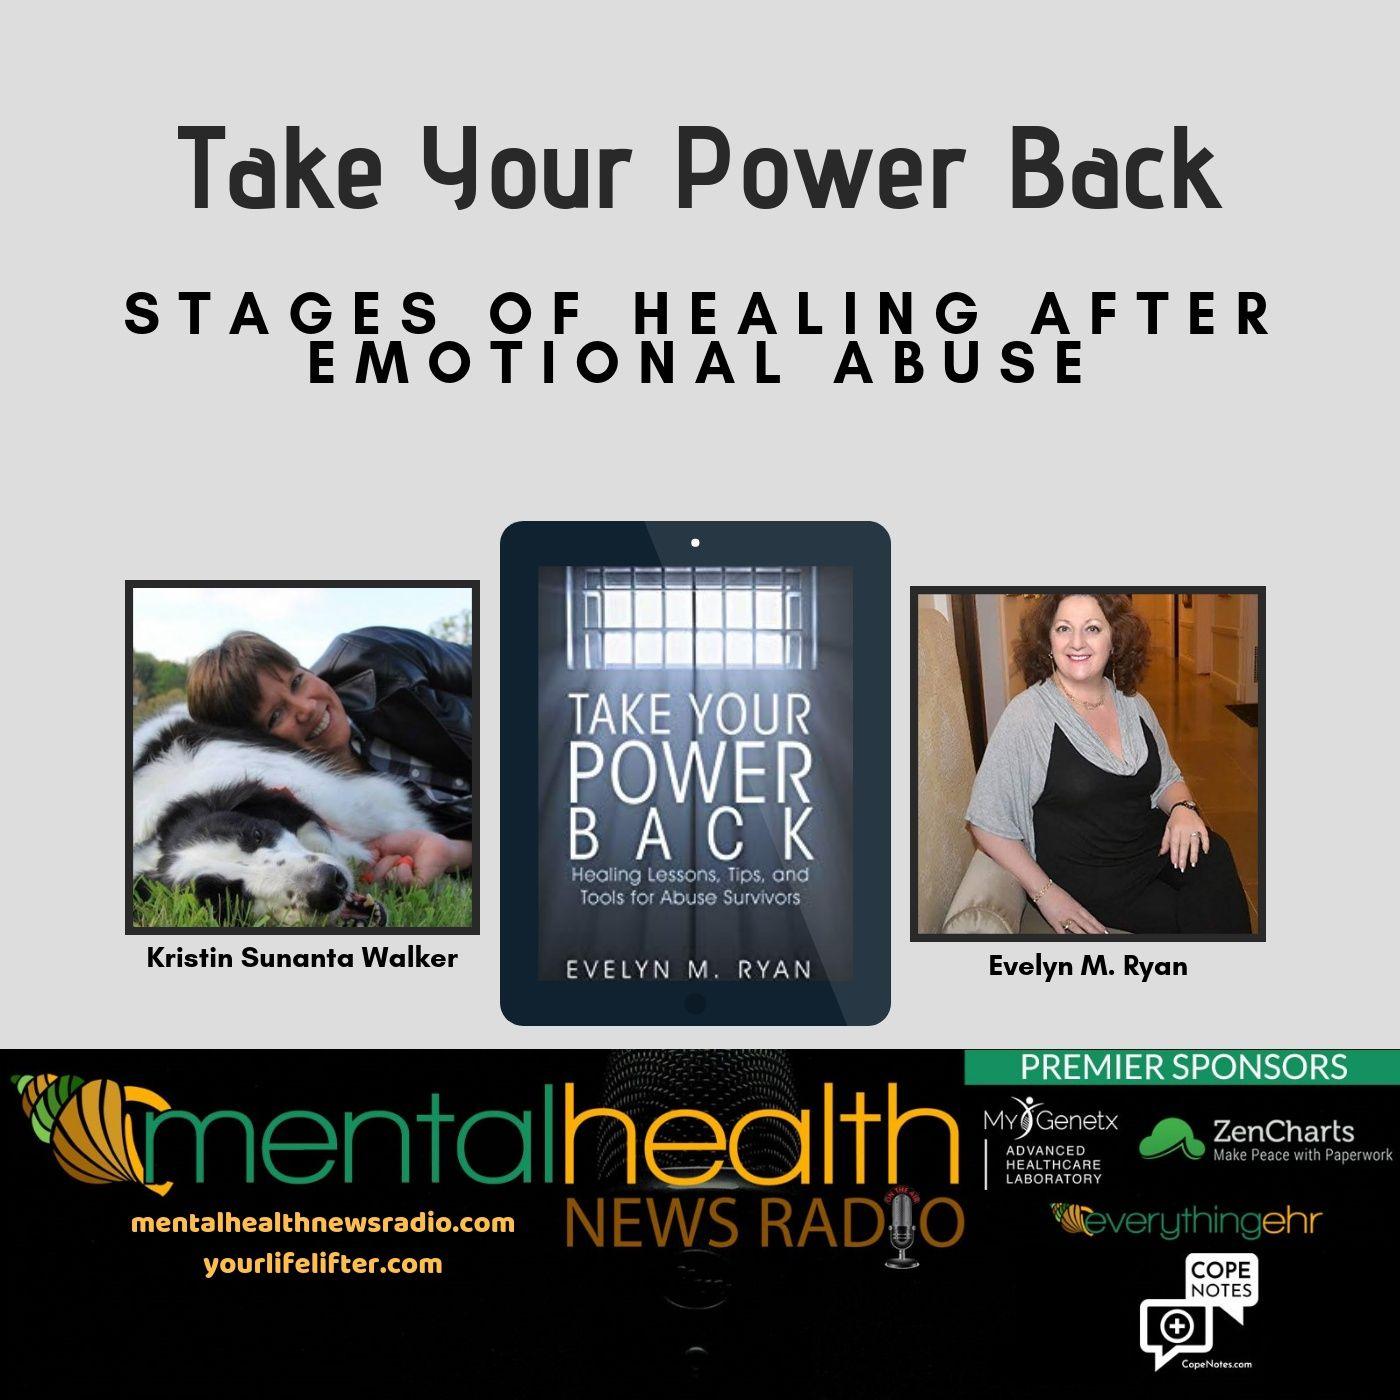 Mental Health News Radio - Take Your Power Back: Power Imbalances